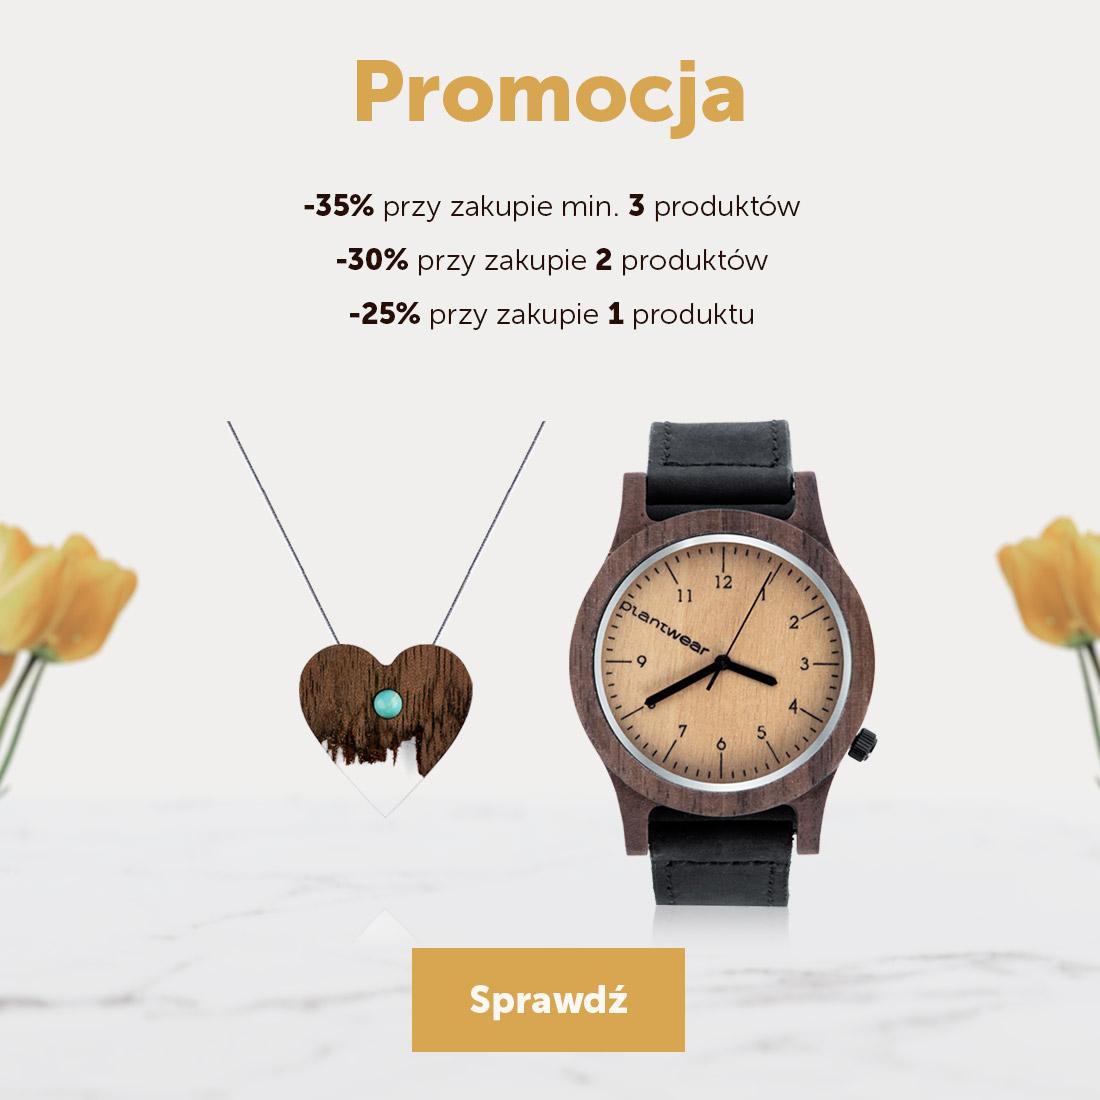 SG_promocja_schodkowa_luty_2021_1100x1100_2_0